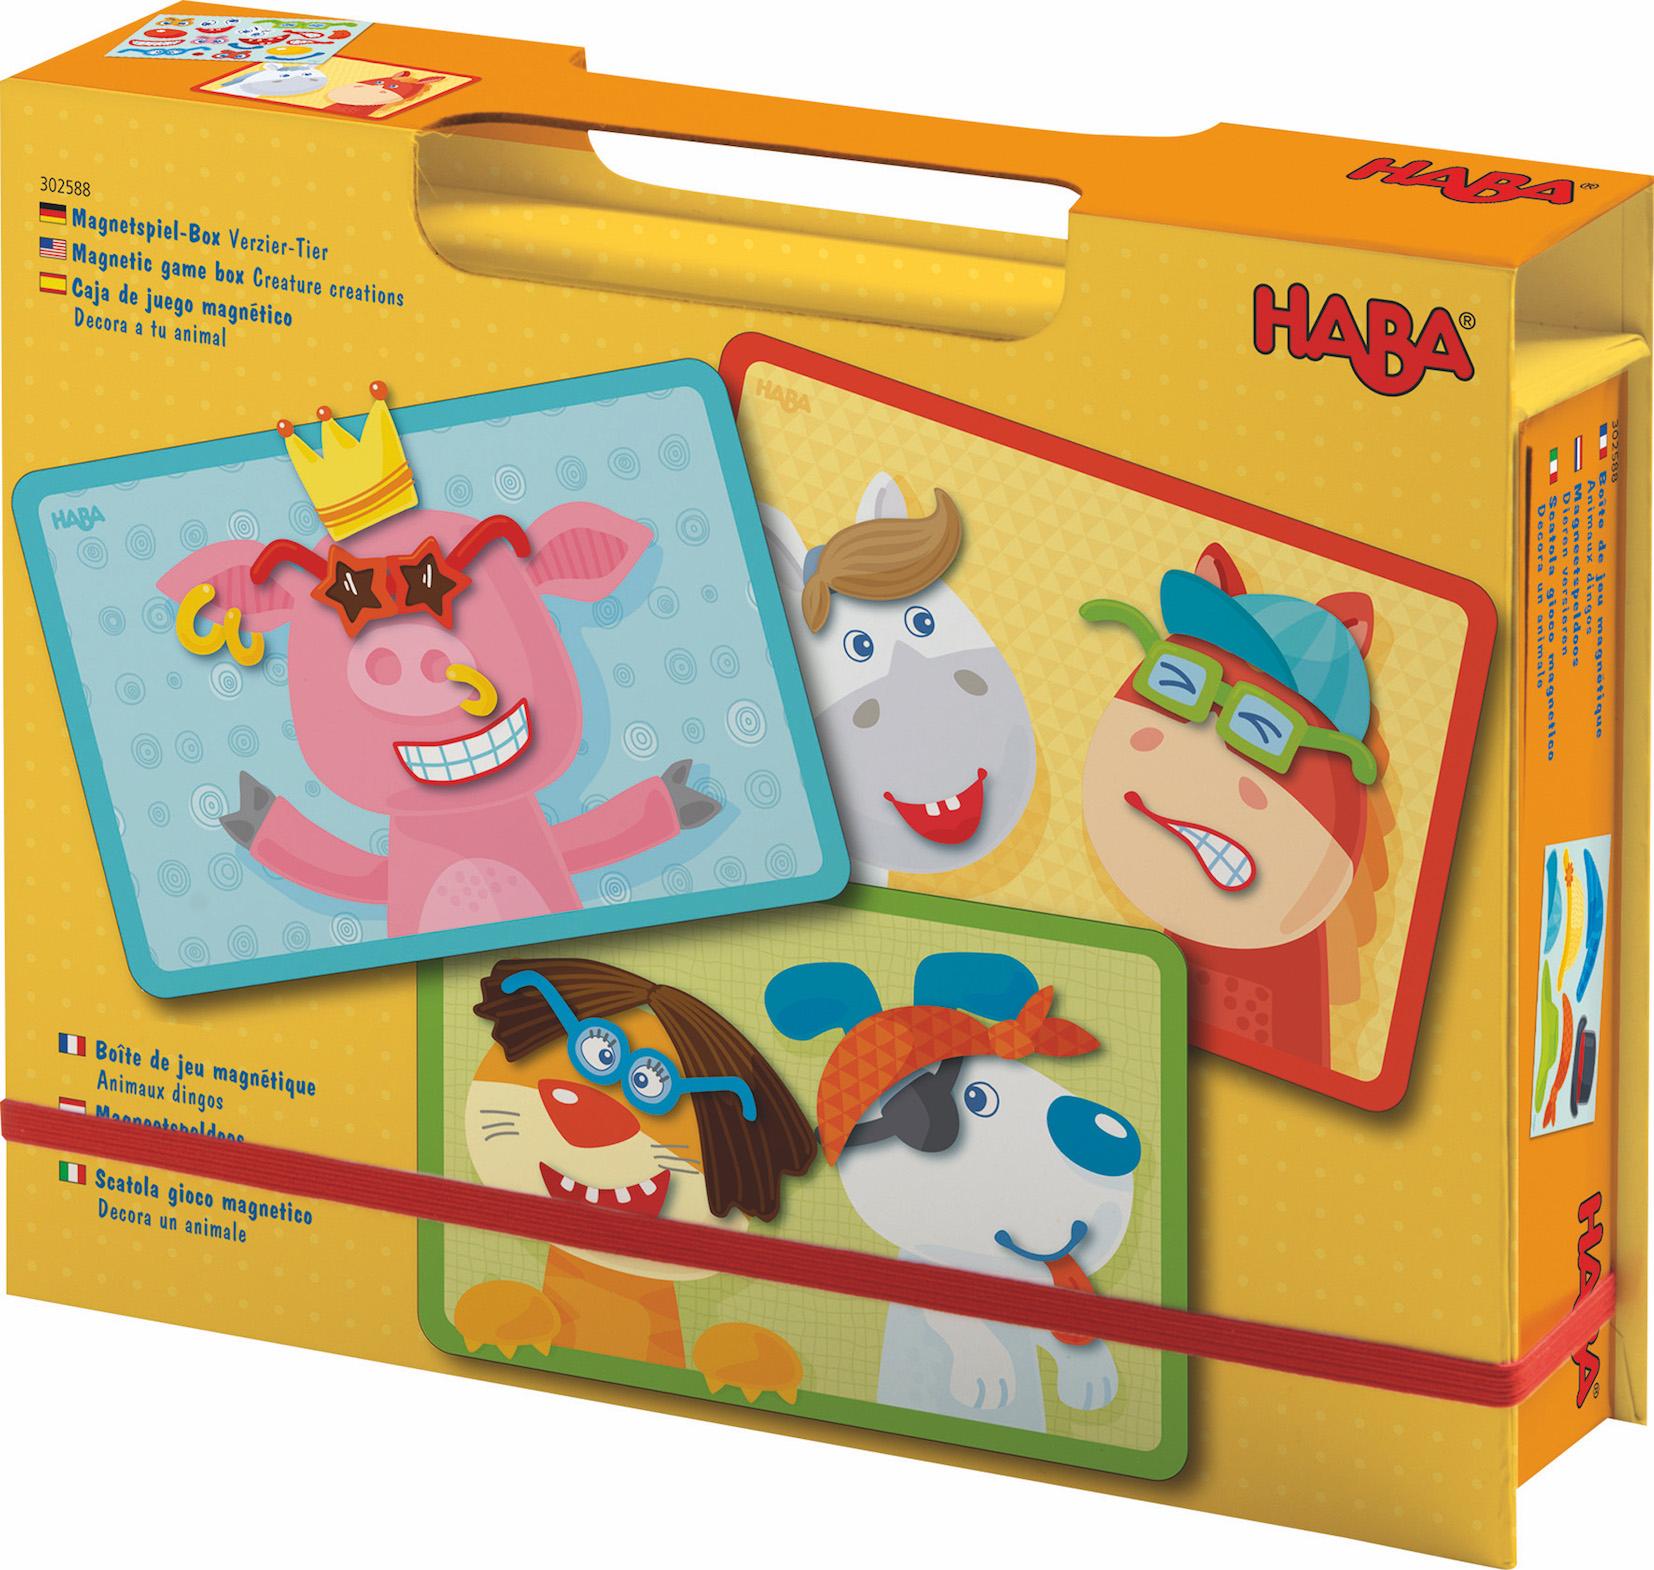 Idées Cadeaux De Noël Pour Enfants De 2 À 5 Ans- Wish List concernant Jeux Pour Garçon De 5 Ans